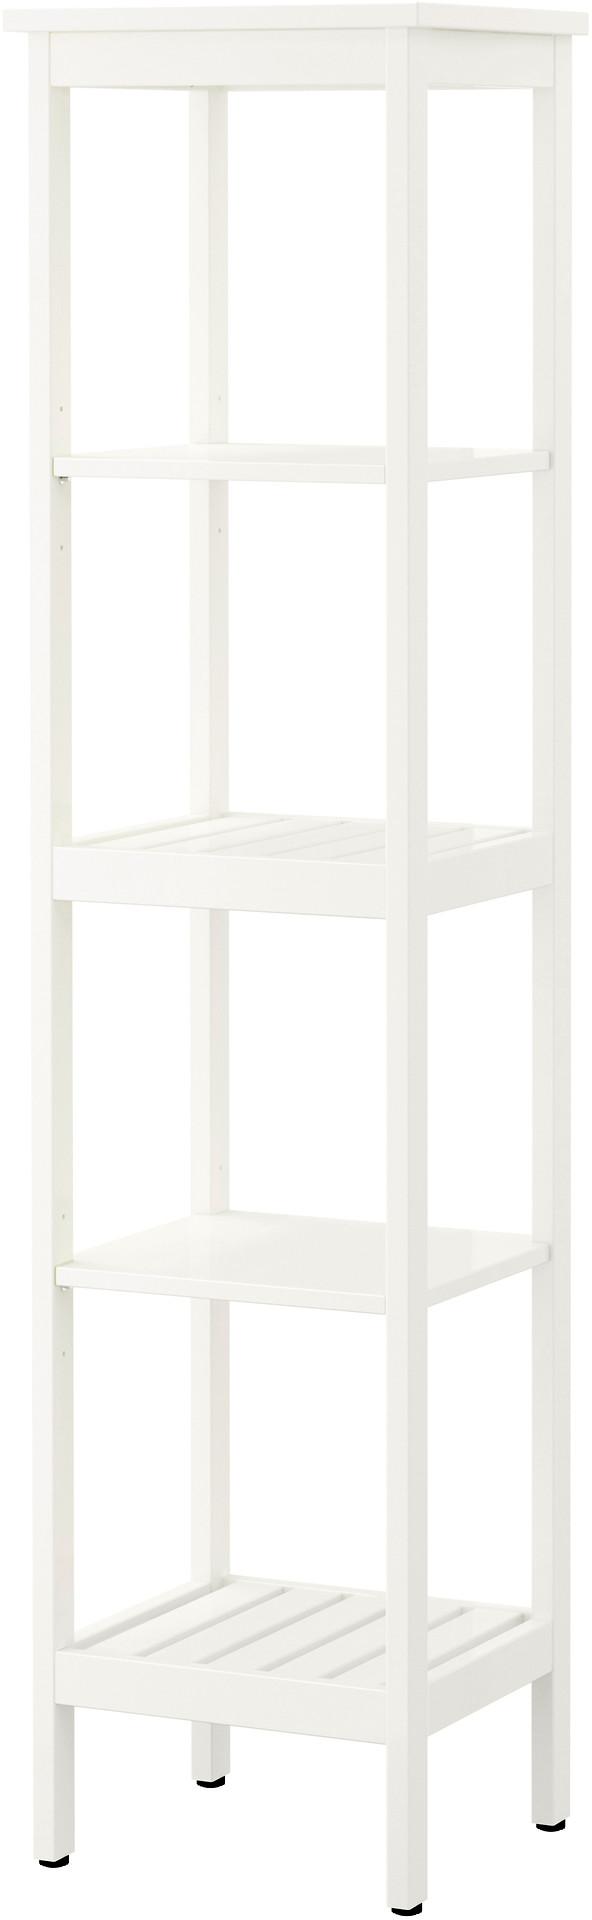 HEMNES Shelving unit - white - IKEA